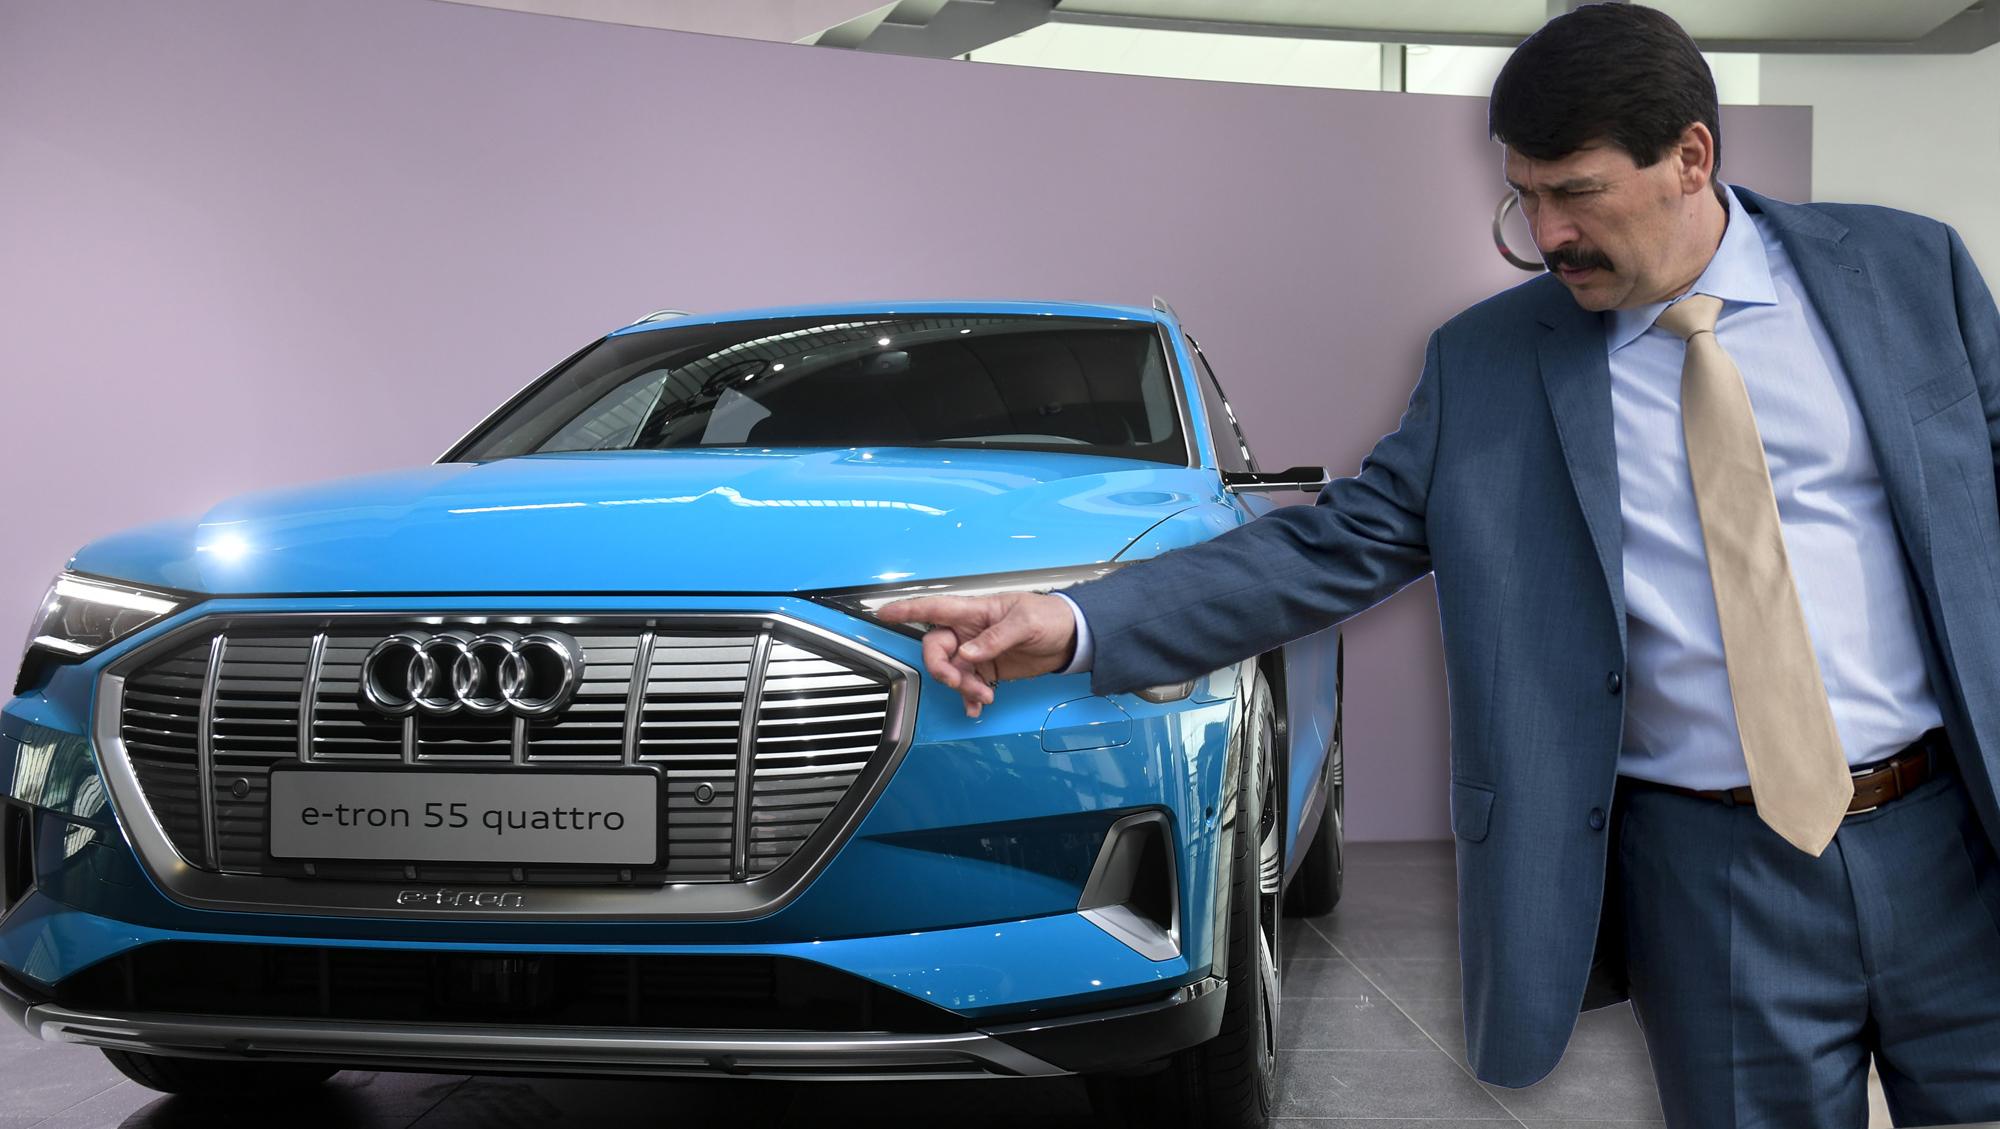 28 milliós elektromos Audi terepjárót kapott Áder